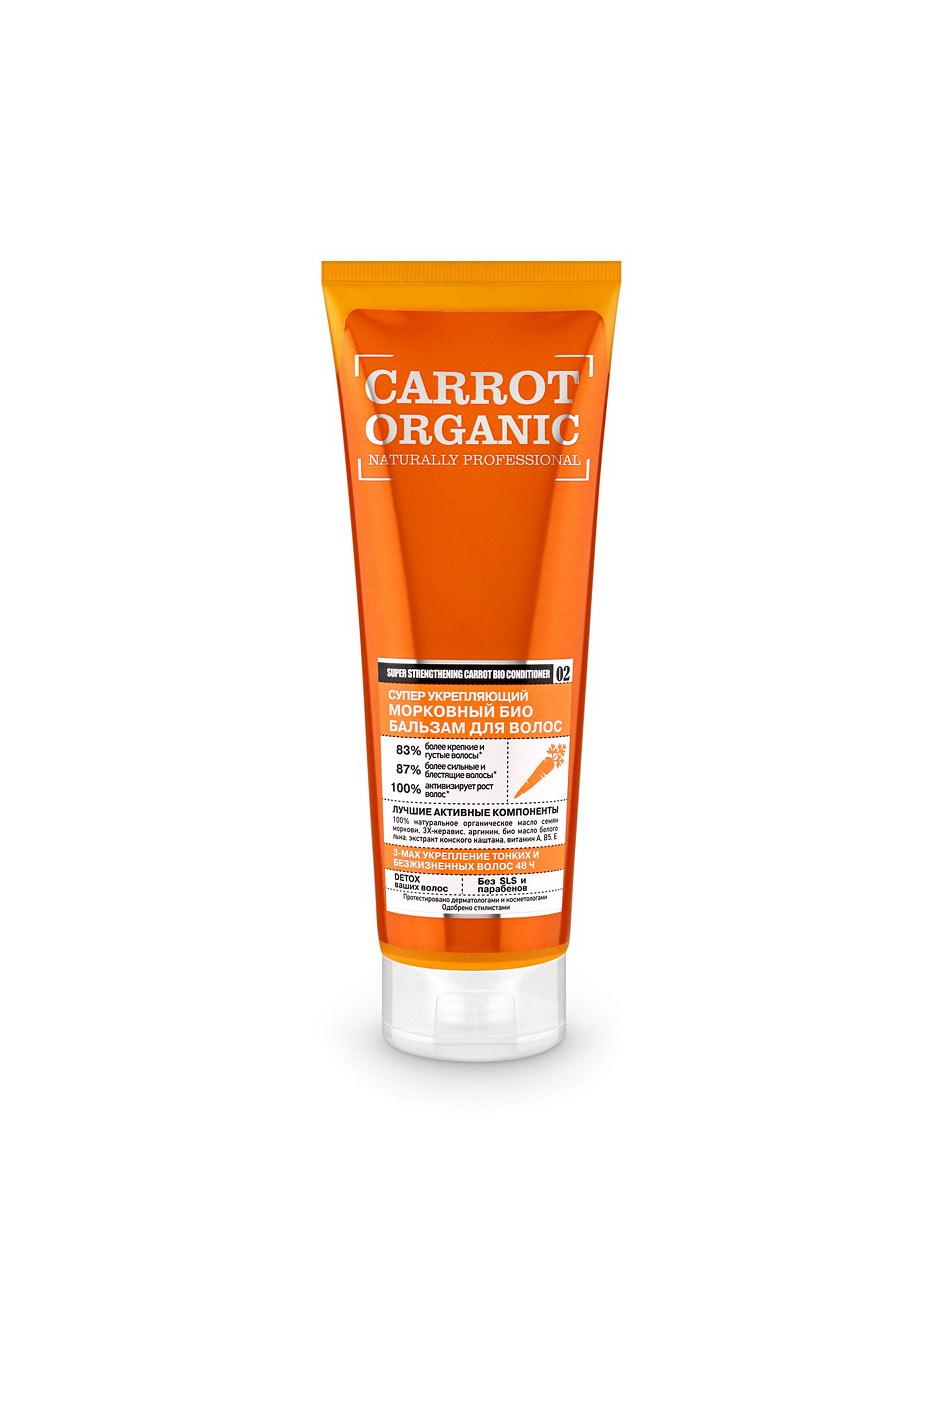 Оrganic Shop Naturally Professional Био-бальзам для волос Супер укрепляющий, морковный, 250 мл0861-1-3991Органическое масло семян моркови и аргинин питают кожу головы и укрепляют волосяные луковицы, препятствуя выпадению волос. Экстракт конского каштана активизирует рост волос, делая их густыми и крепкими. Био масло белого льна питает и увлажняет волосы, придает им силу и блеск. 3Х-керавис укрепляет и восстанавливает внутреннюю структуру волос, делает их эластичными и упругими. Товар сертифицирован.